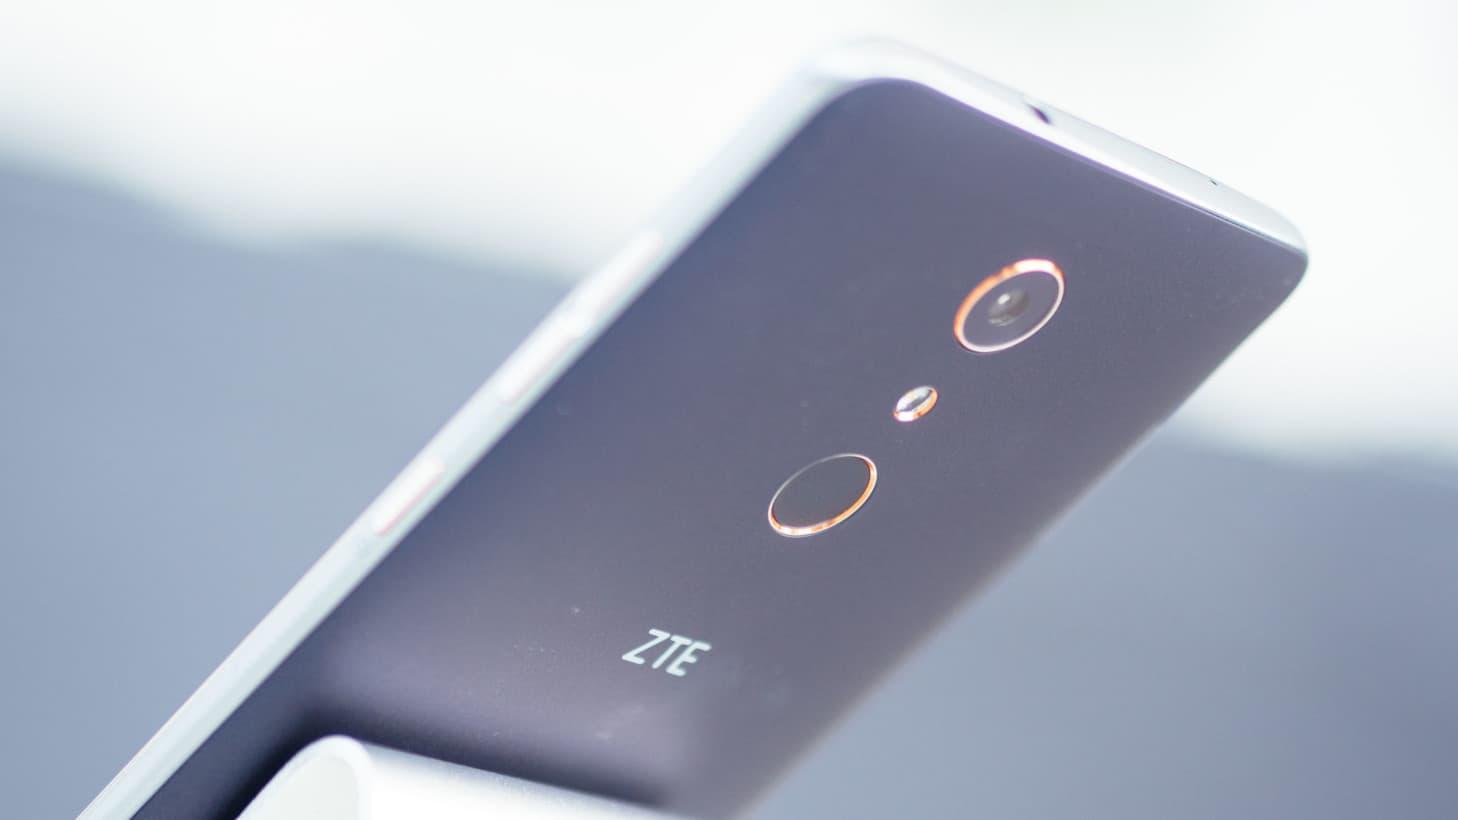 Latest Zte Smartphones 4gb Ram 23mp Camera Price